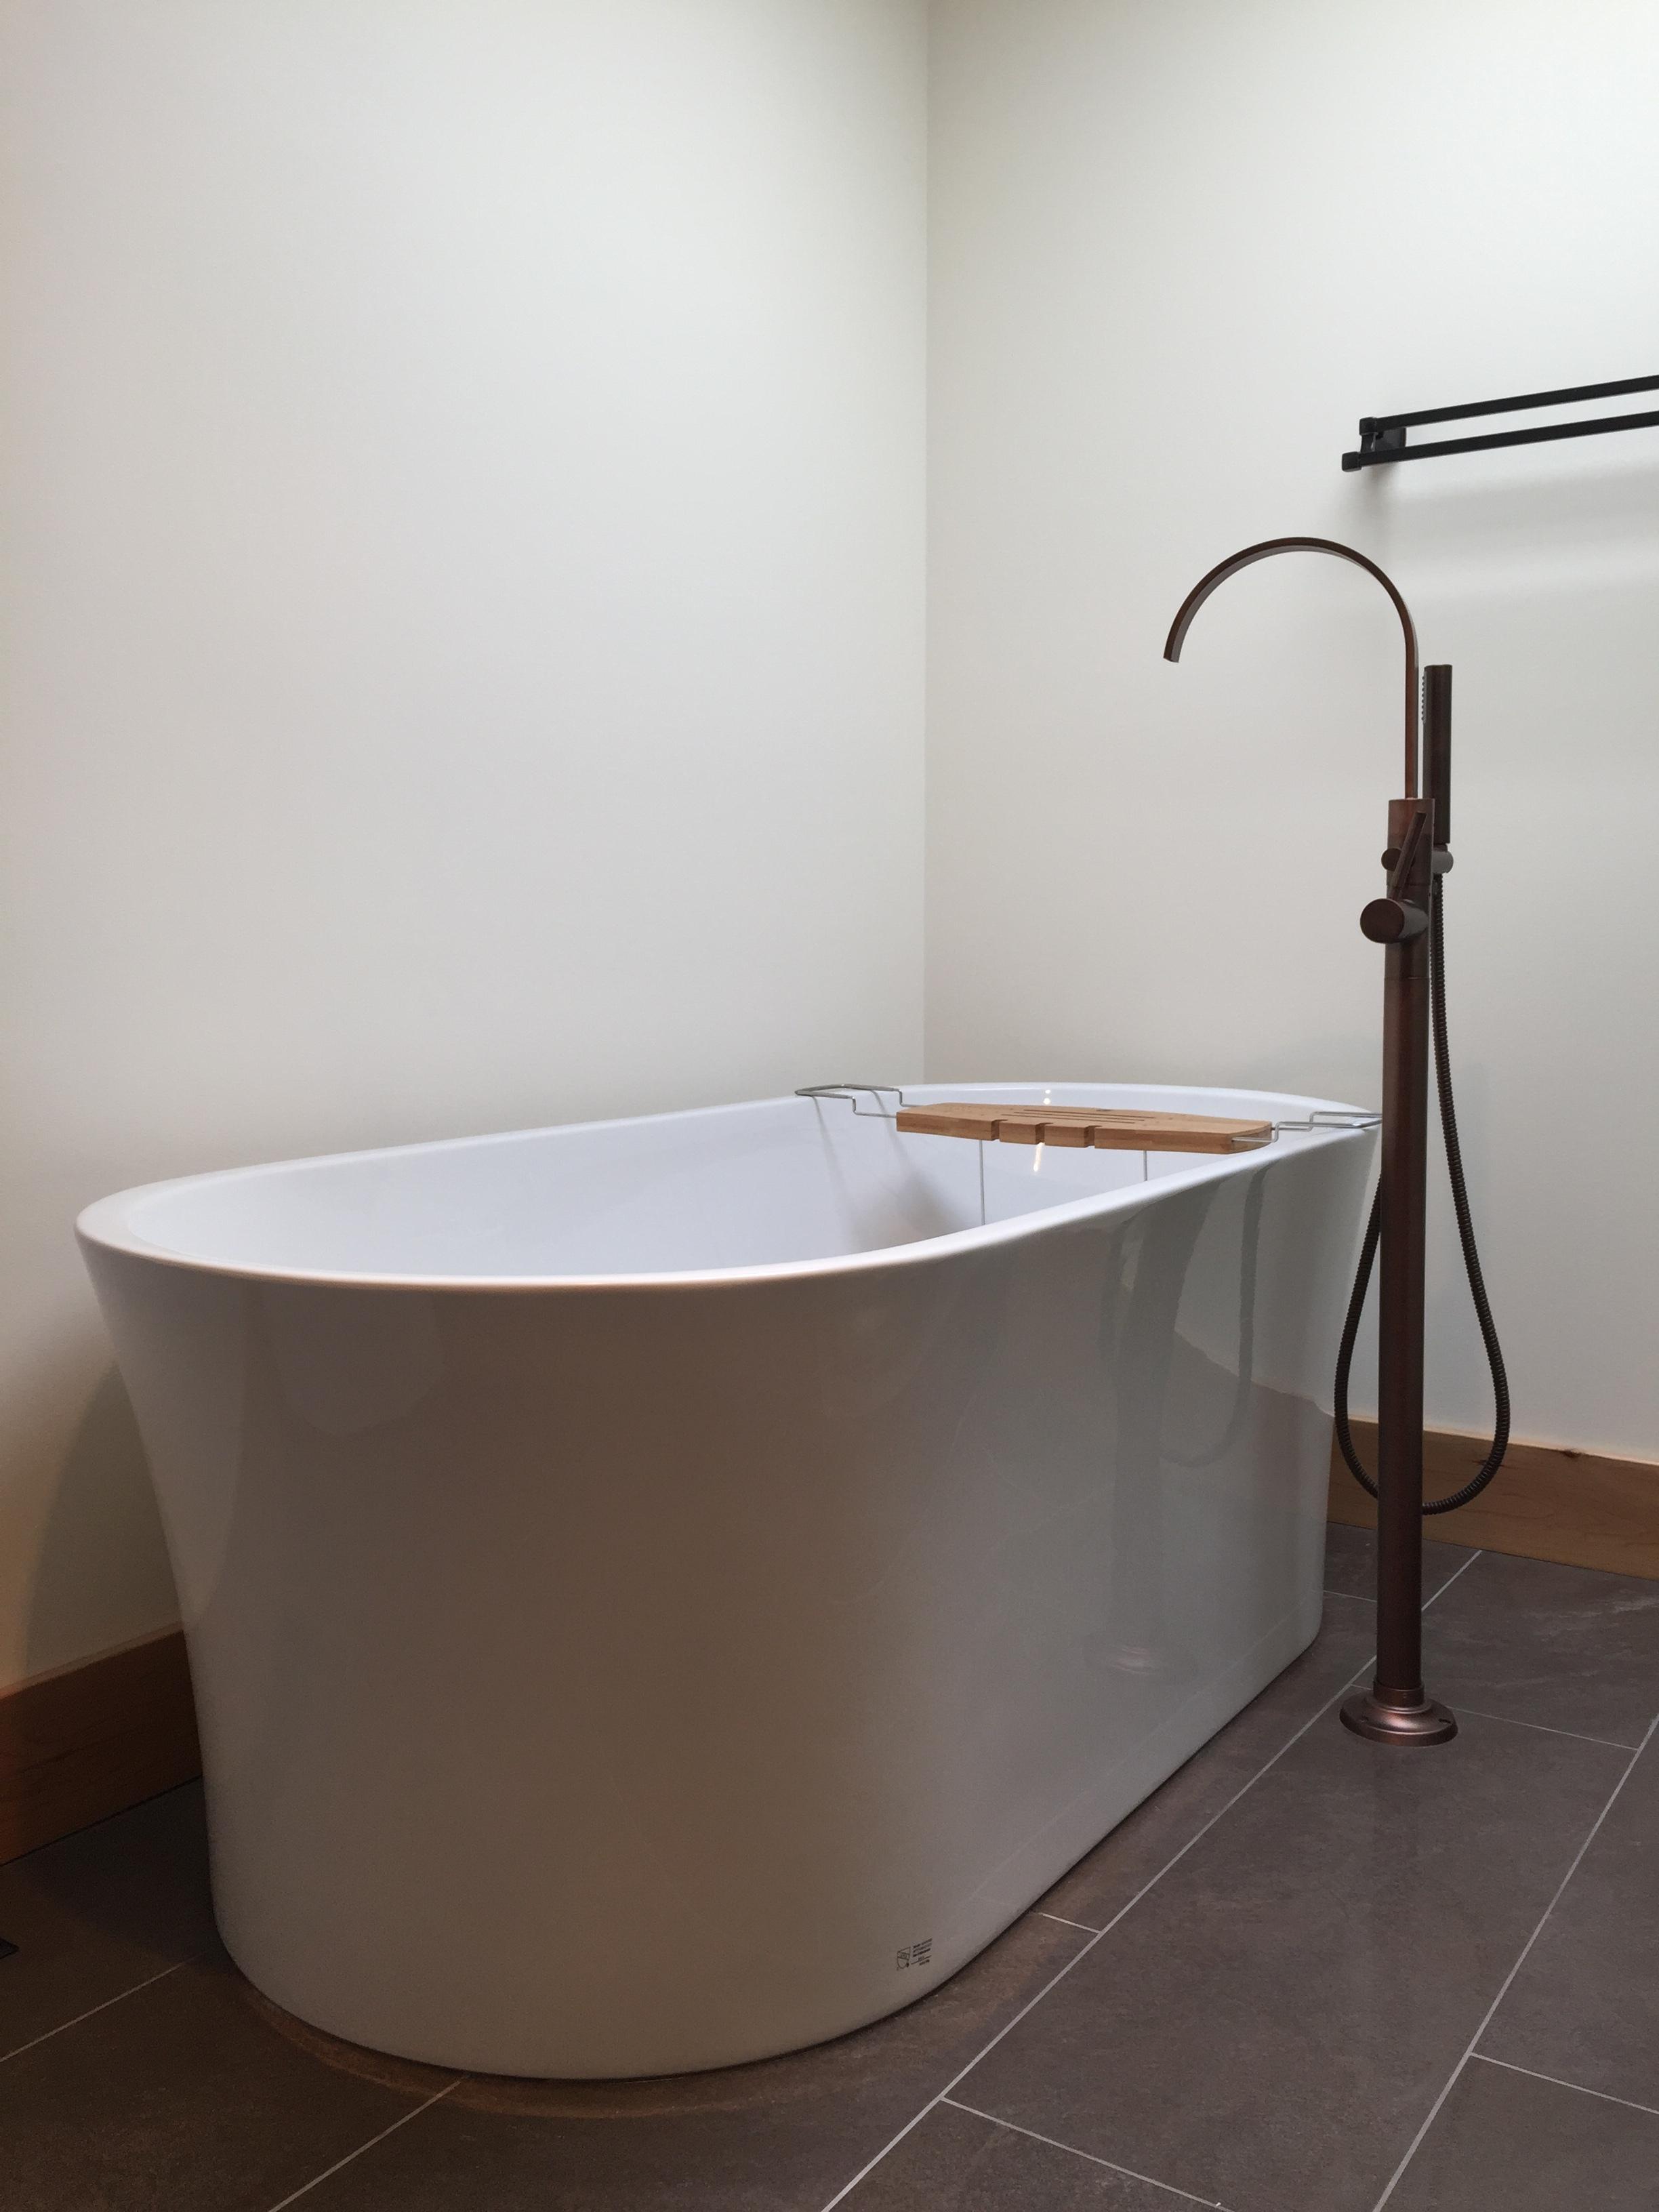 Freestanding acrylic bathtub and antique bronze tub filler, large format polished porcelain tile.